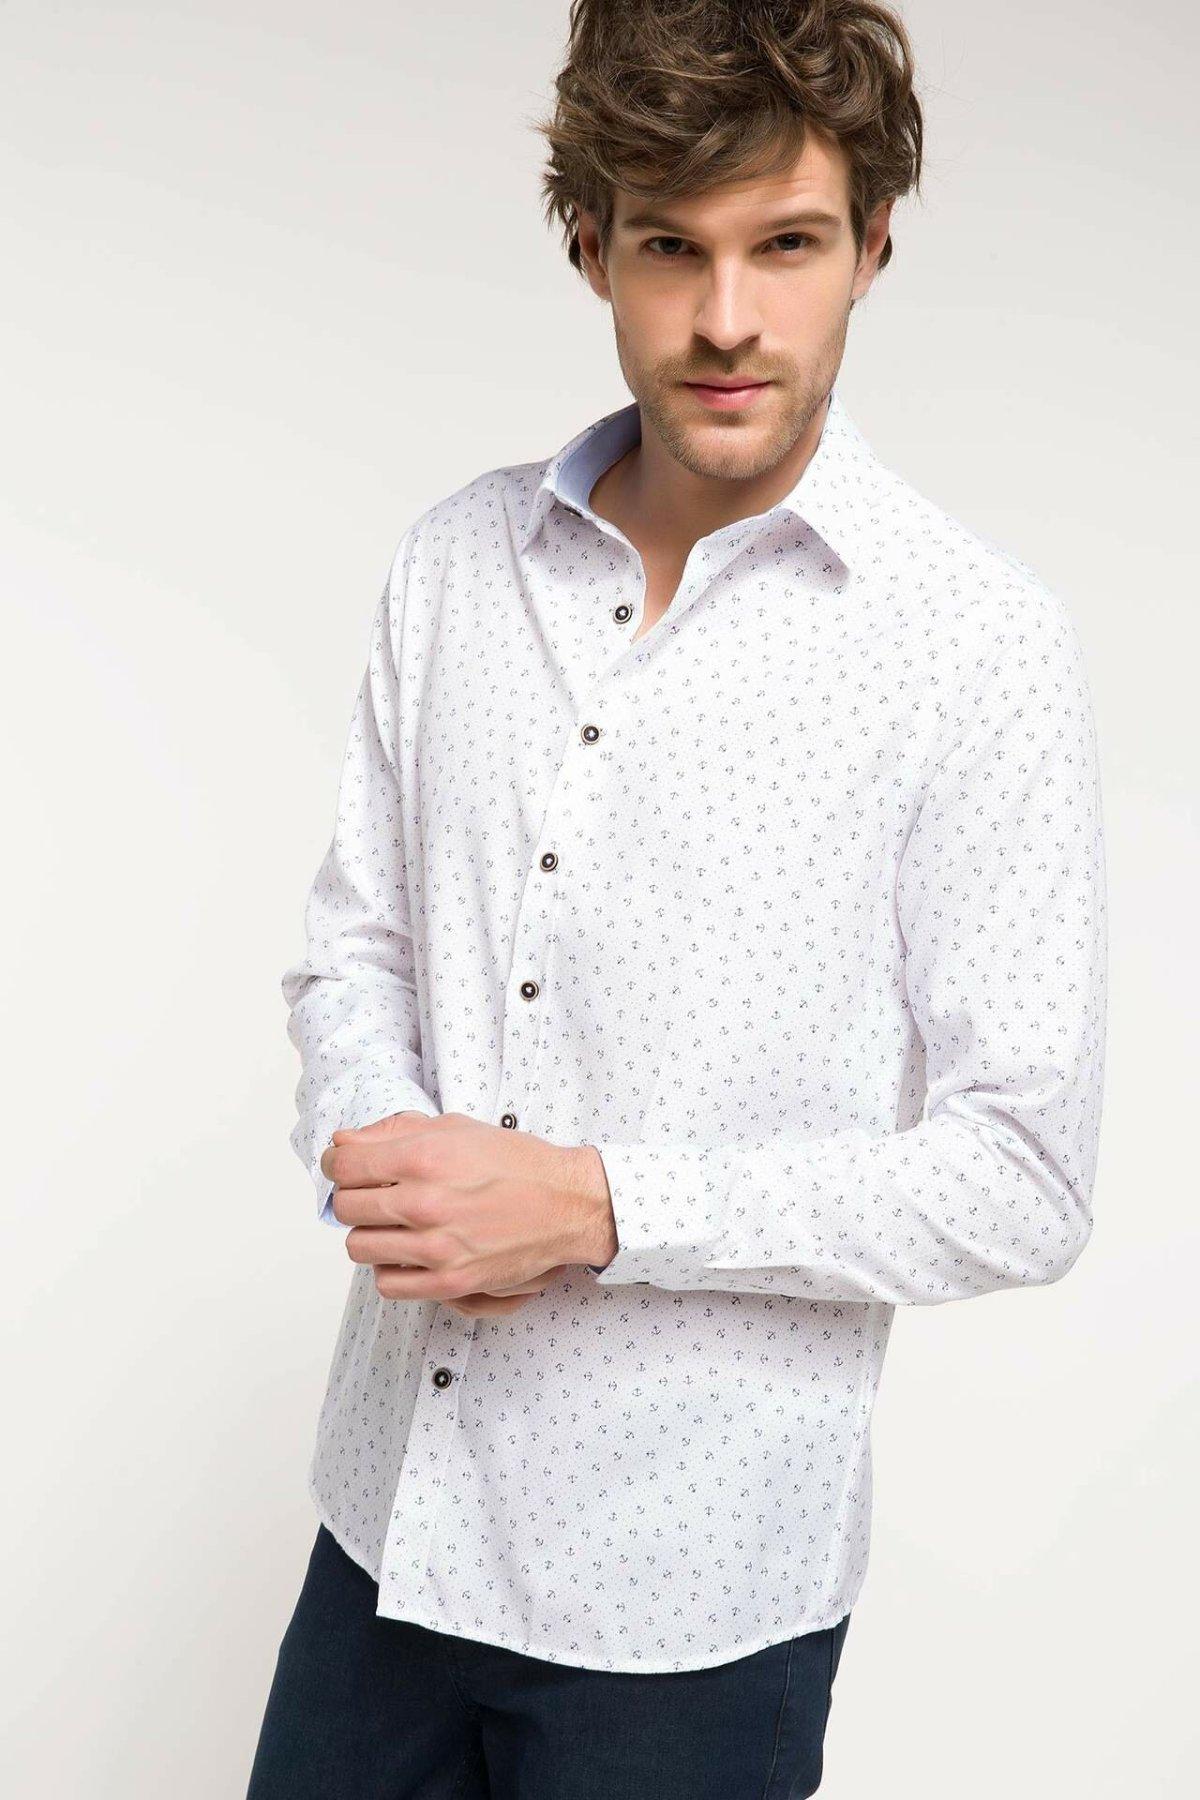 DeFacto Fashion Man Long Sleeve Shirt Formal Male Dot Pattern Tops High Quality Men's High Quality Comfort Shirts - I7712AZ18SM